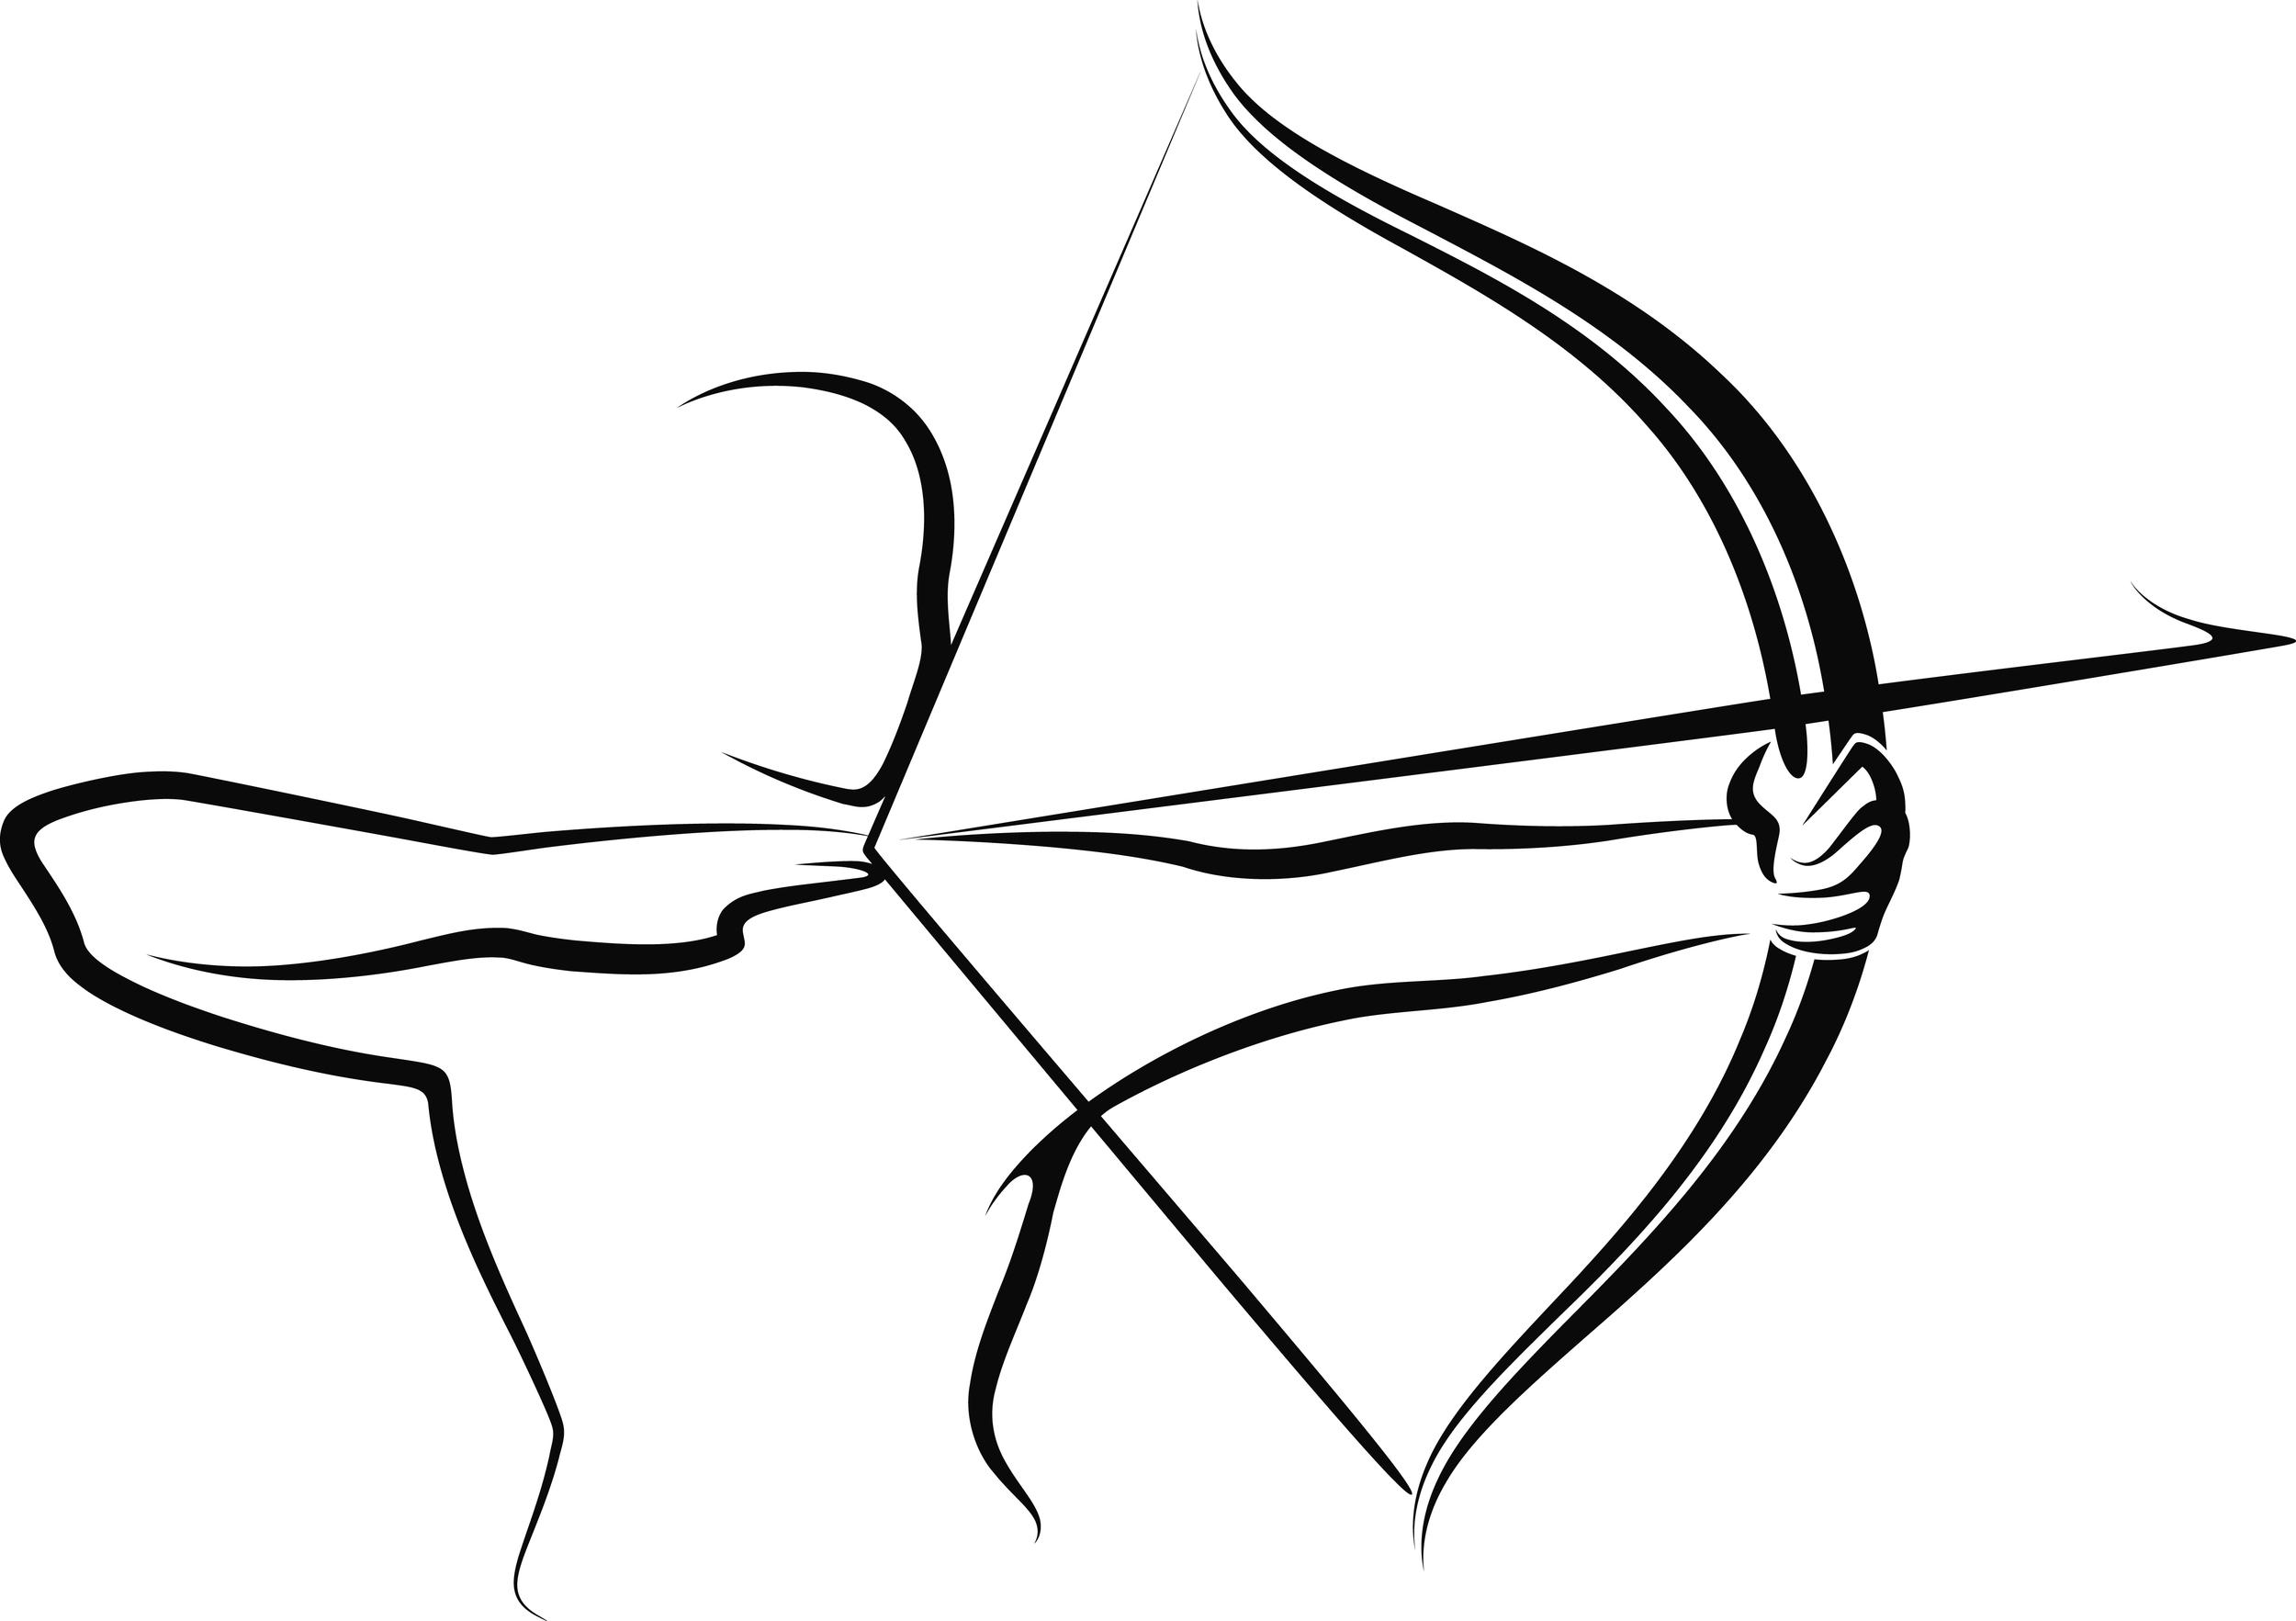 Bow&Arrow